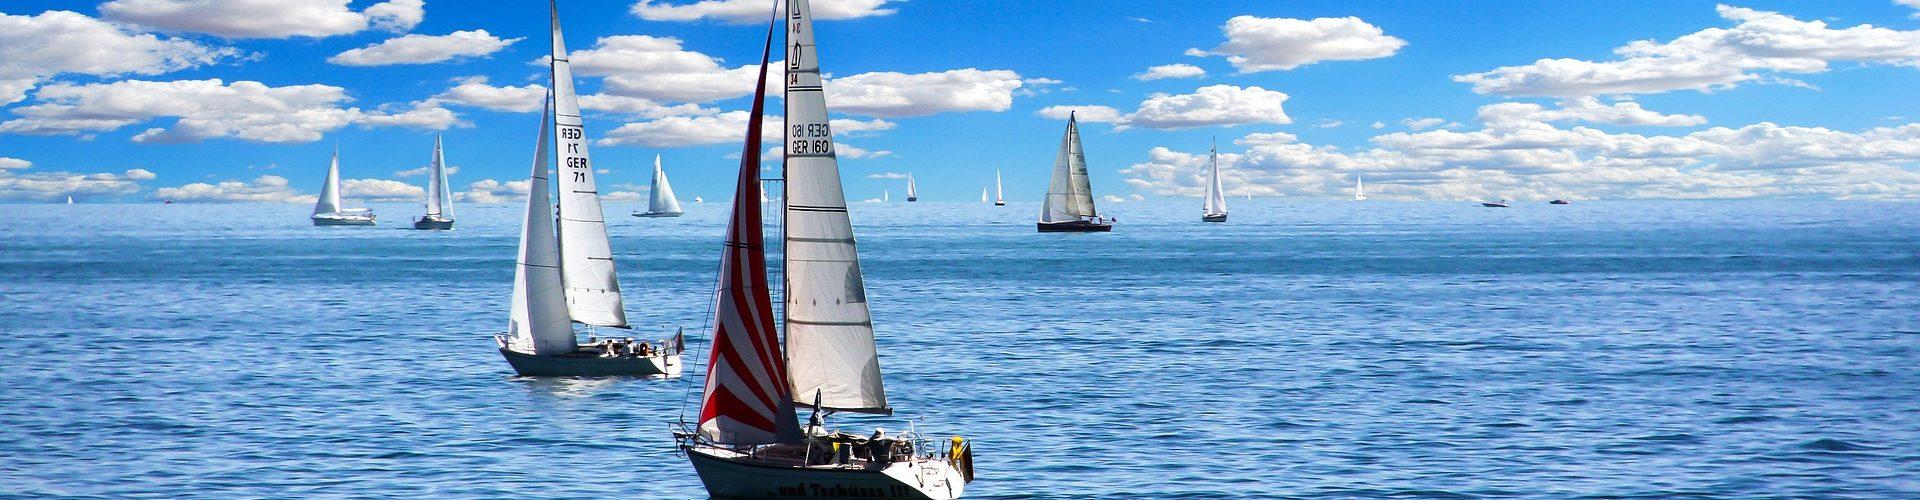 segeln lernen in Müden segelschein machen in Müden 1920x500 - Segeln lernen in Müden